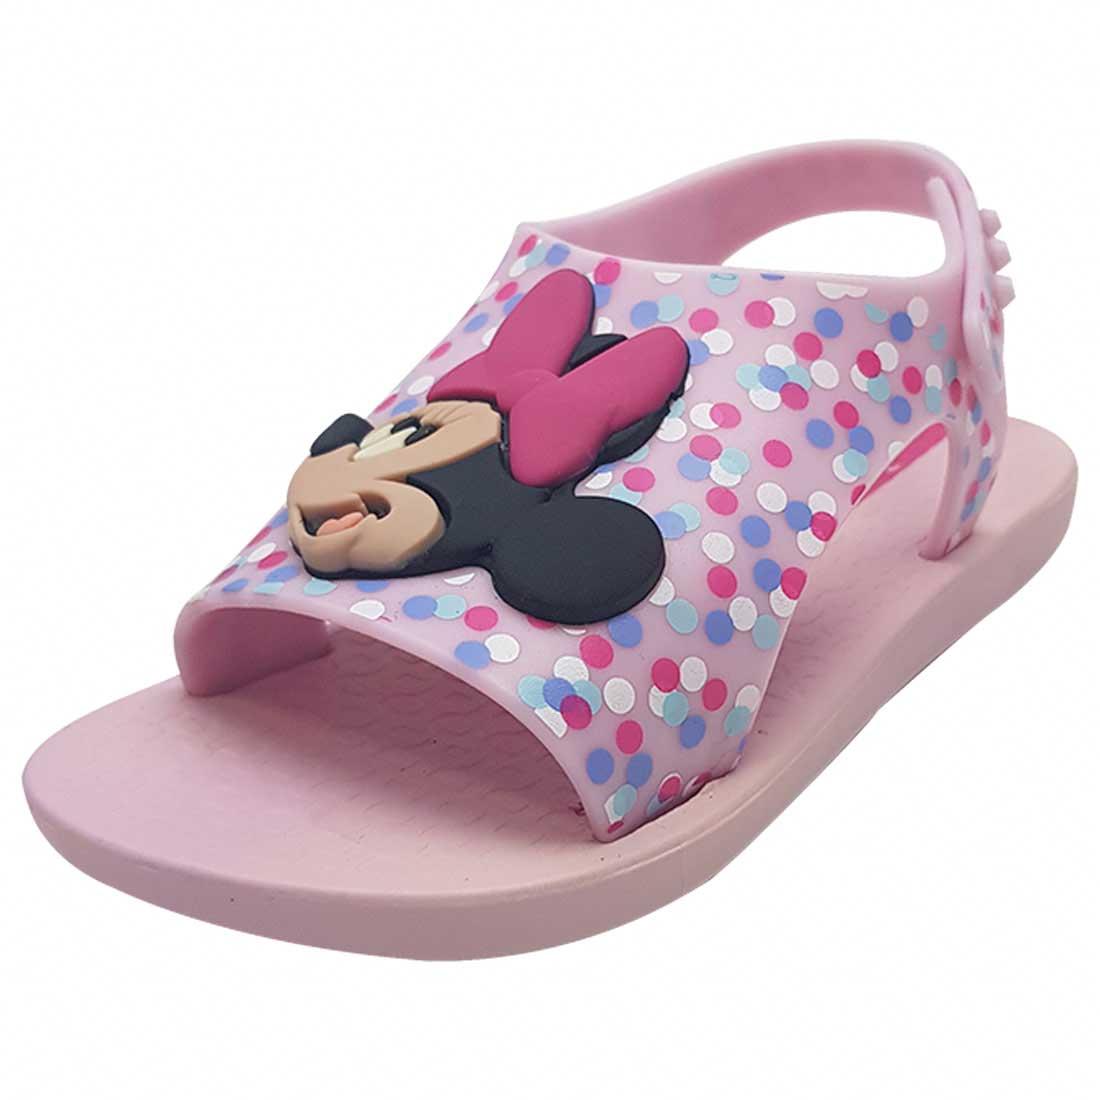 Sandália Baby Disney Minnie - Rosa